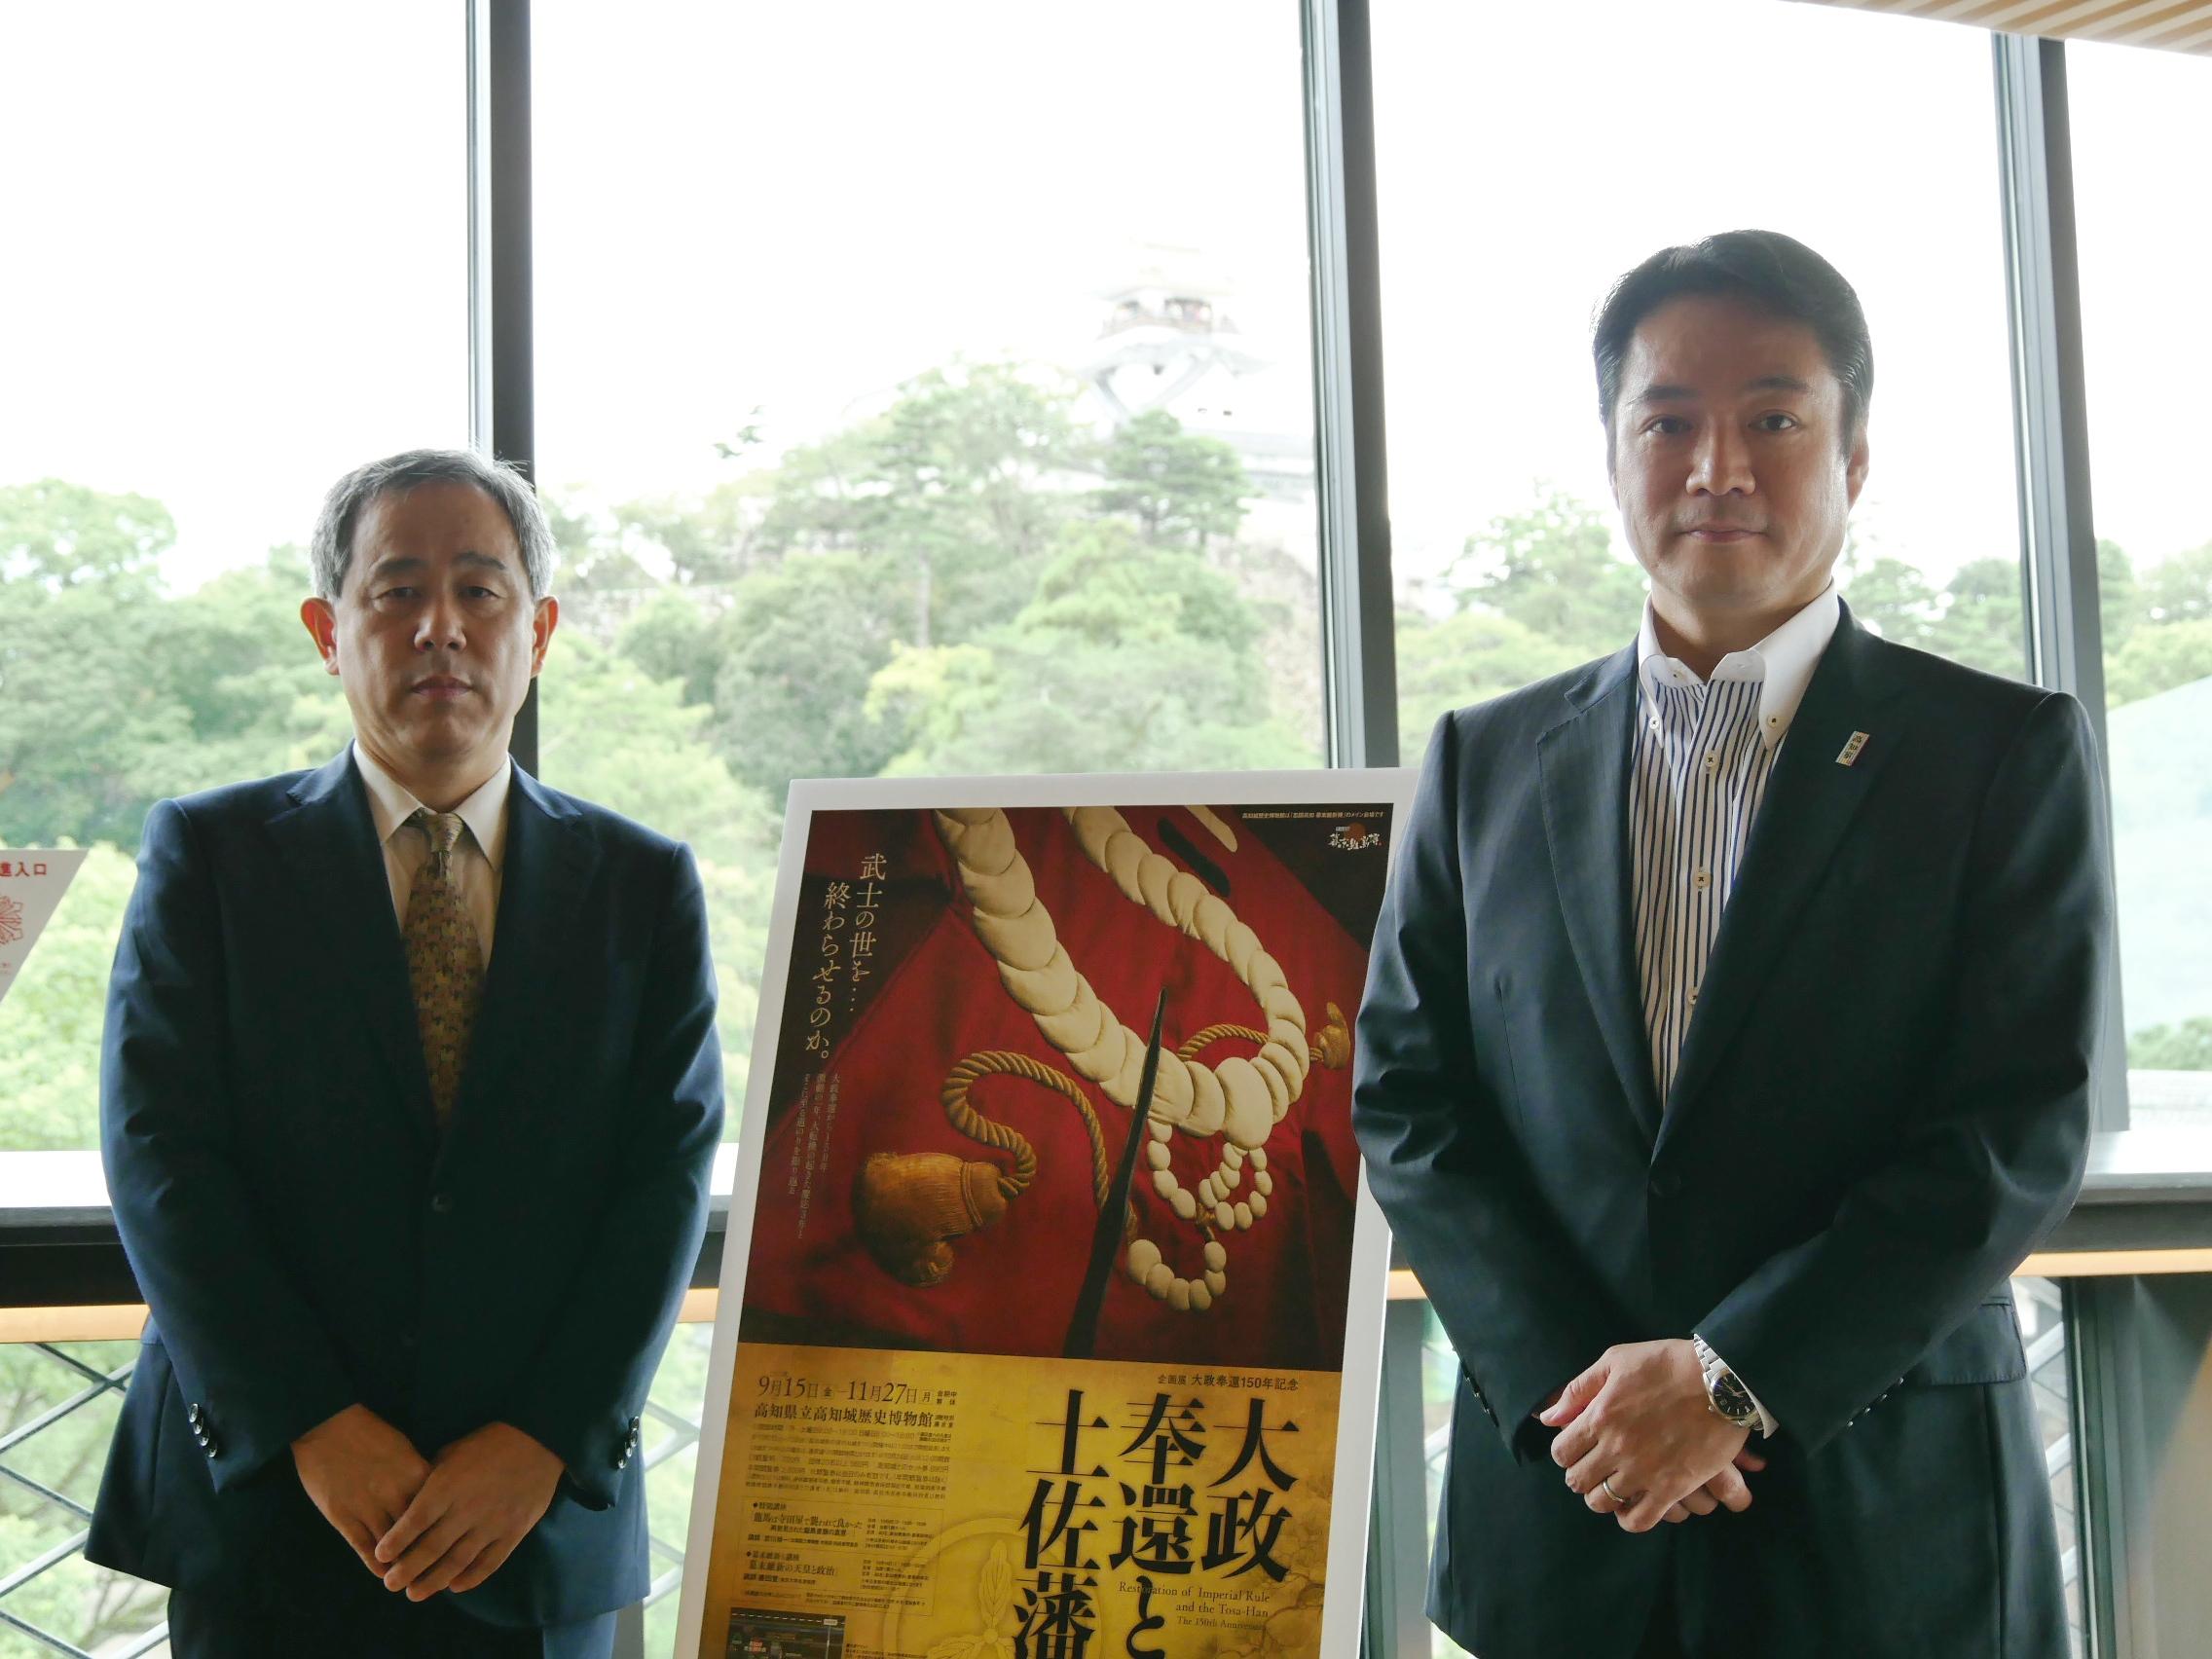 尾﨑正直 高知県知事(写真右)と渡部淳 高知城歴史博物館館長(同左)。